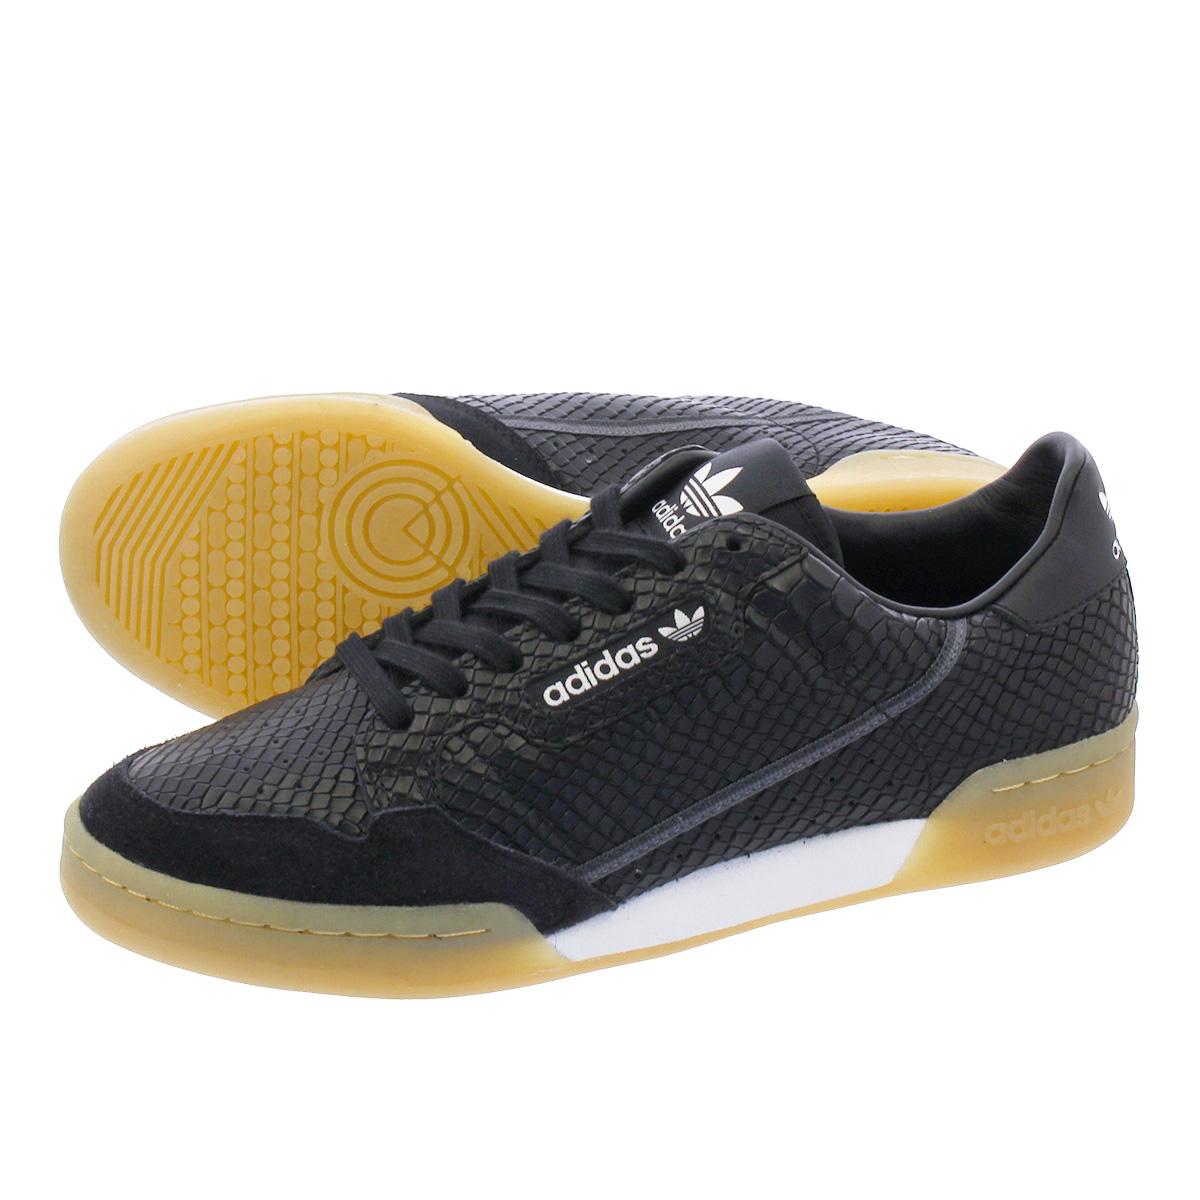 人気ブランド adidas b41678 CONTINENTAL CORE 80【adidas 80 Originals】 アディダス コンチネンタル 80 CORE BLACK/CARBON/GREY FIVE b41678, ハレバレ イライラハーブHAREBARE:ff1f89c4 --- construart30.dominiotemporario.com